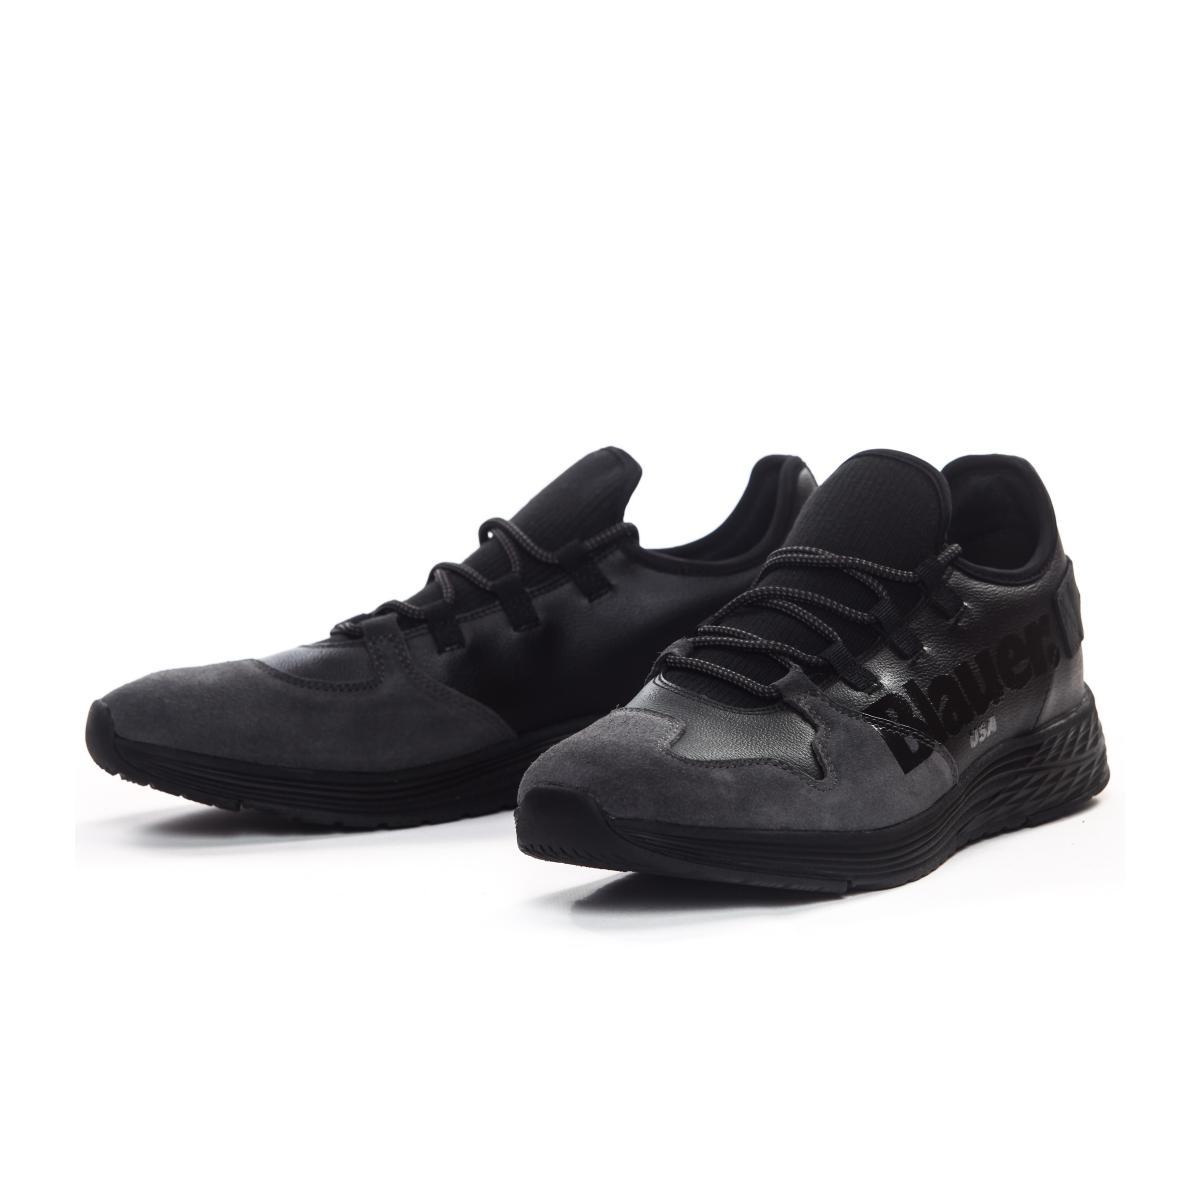 Scarpe Sneakers Blauer U.S.A. da uomo rif. 8FMIAMI03